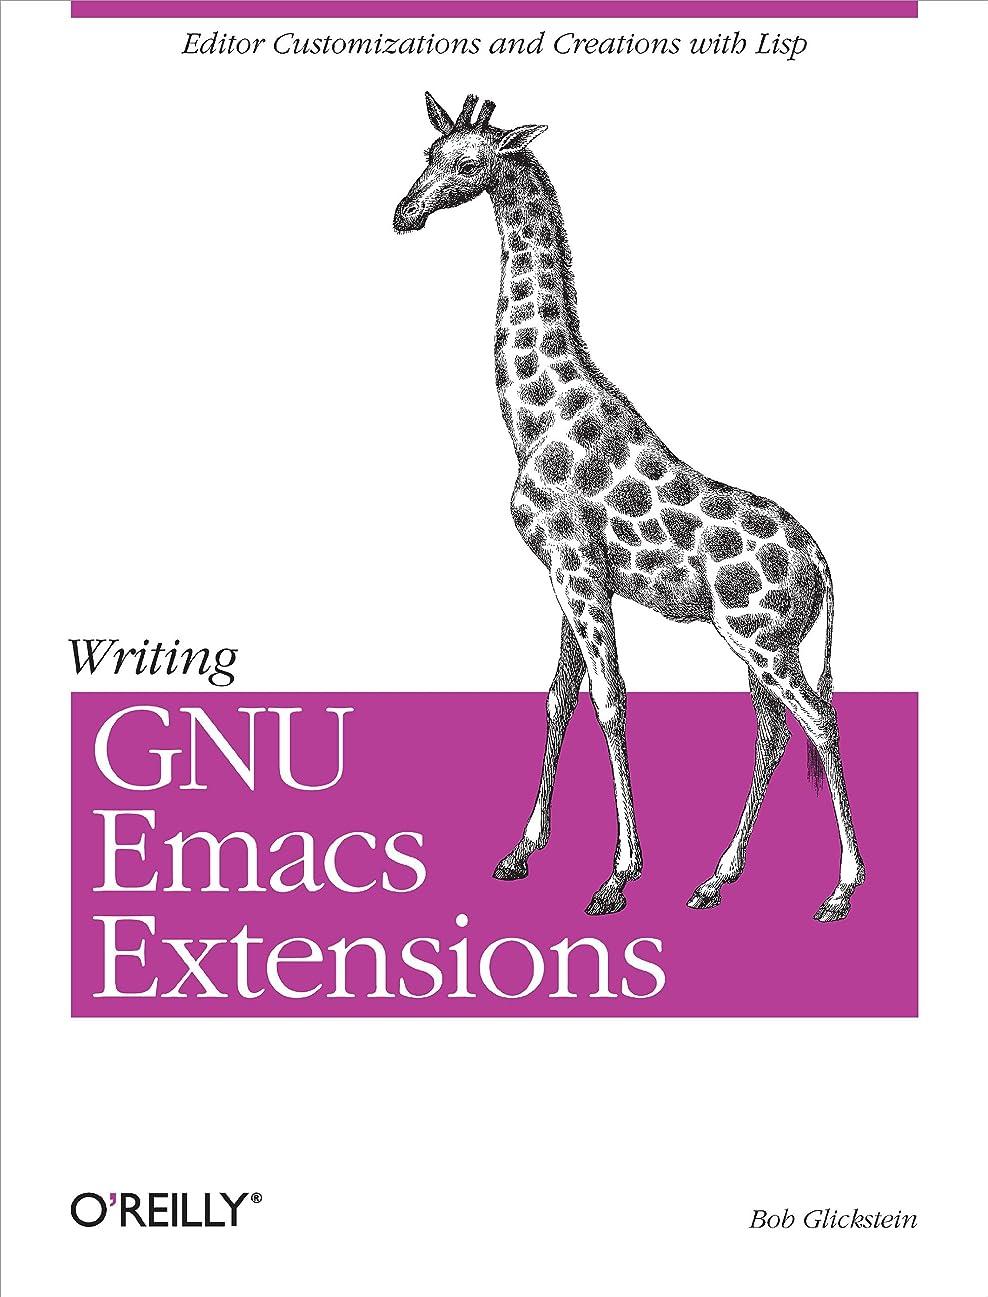 提供する忠実な誇りに思うWriting GNU Emacs Extensions: Editor Customizations and Creations with Lisp (Nutshell Handbooks) (English Edition)